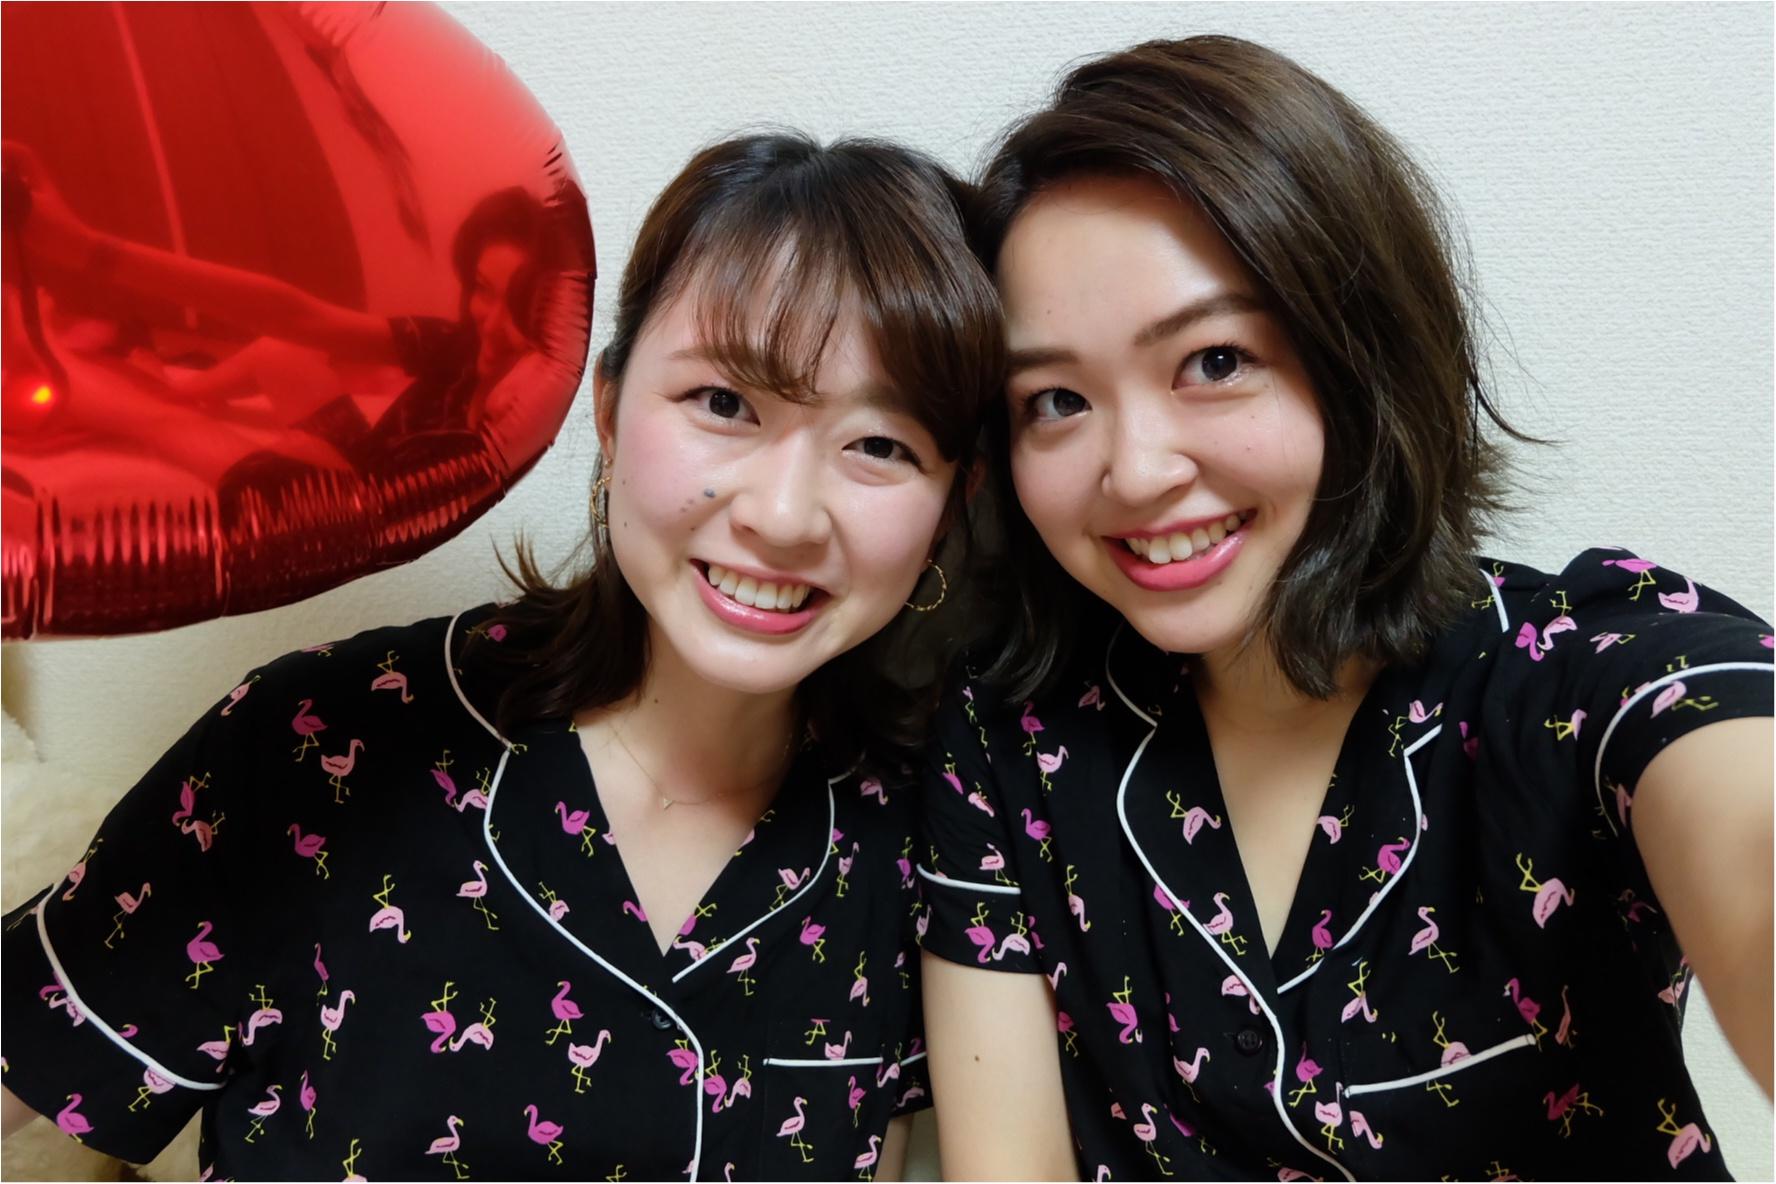 インスタ映えする《GUパジャマ》で可愛い女子会しちゃおう♡_3